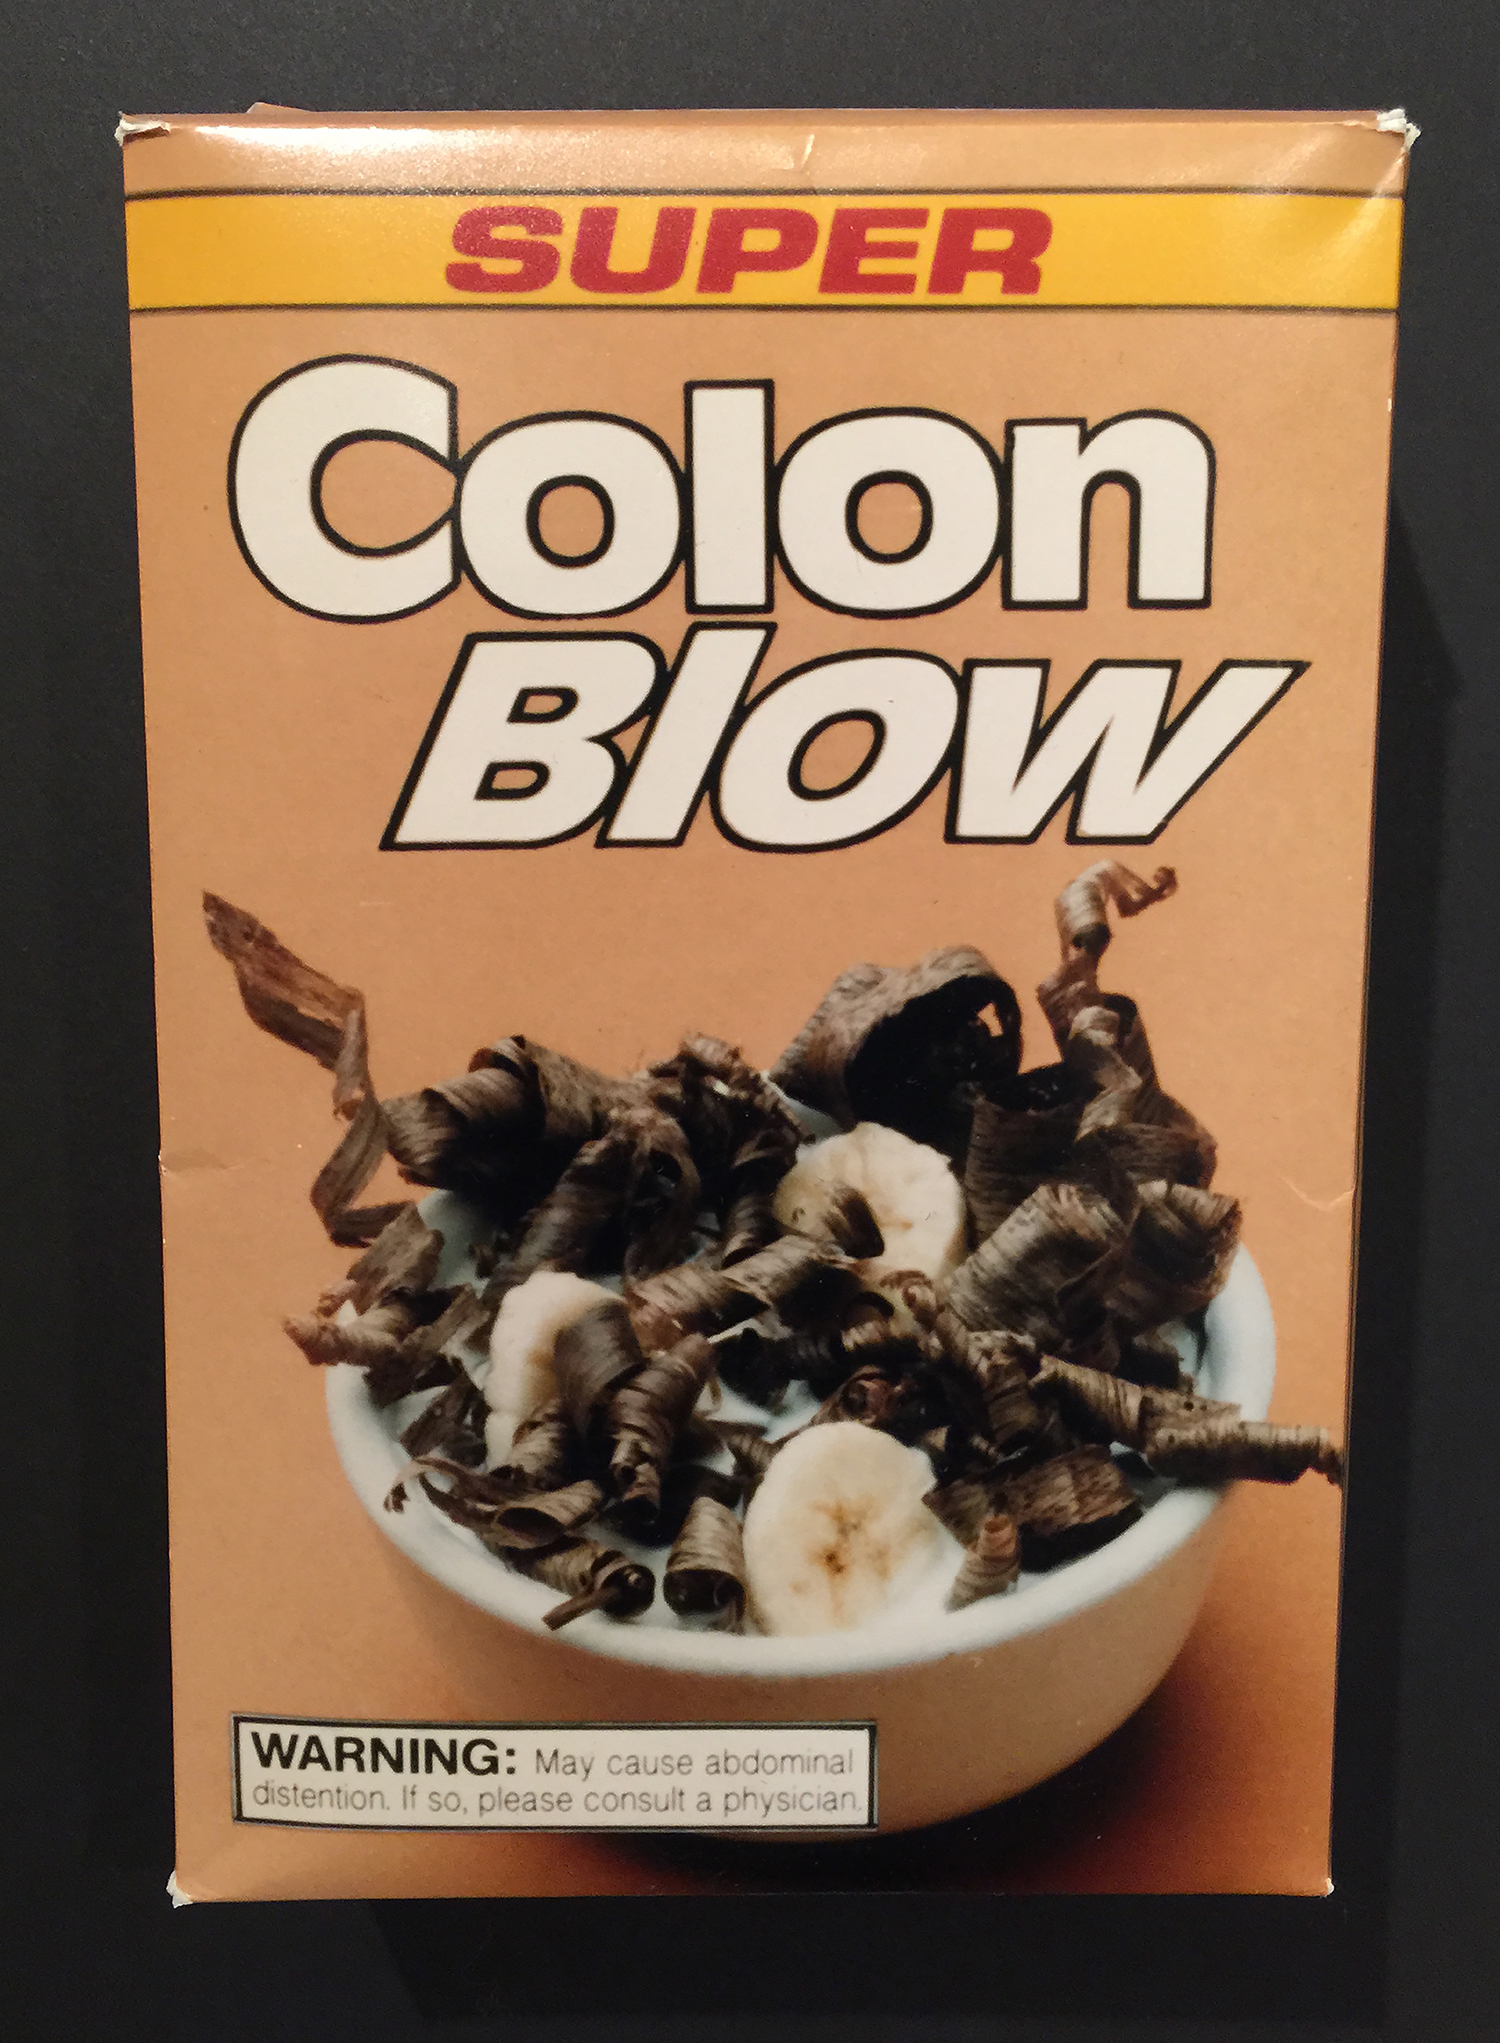 colonblow.jpg